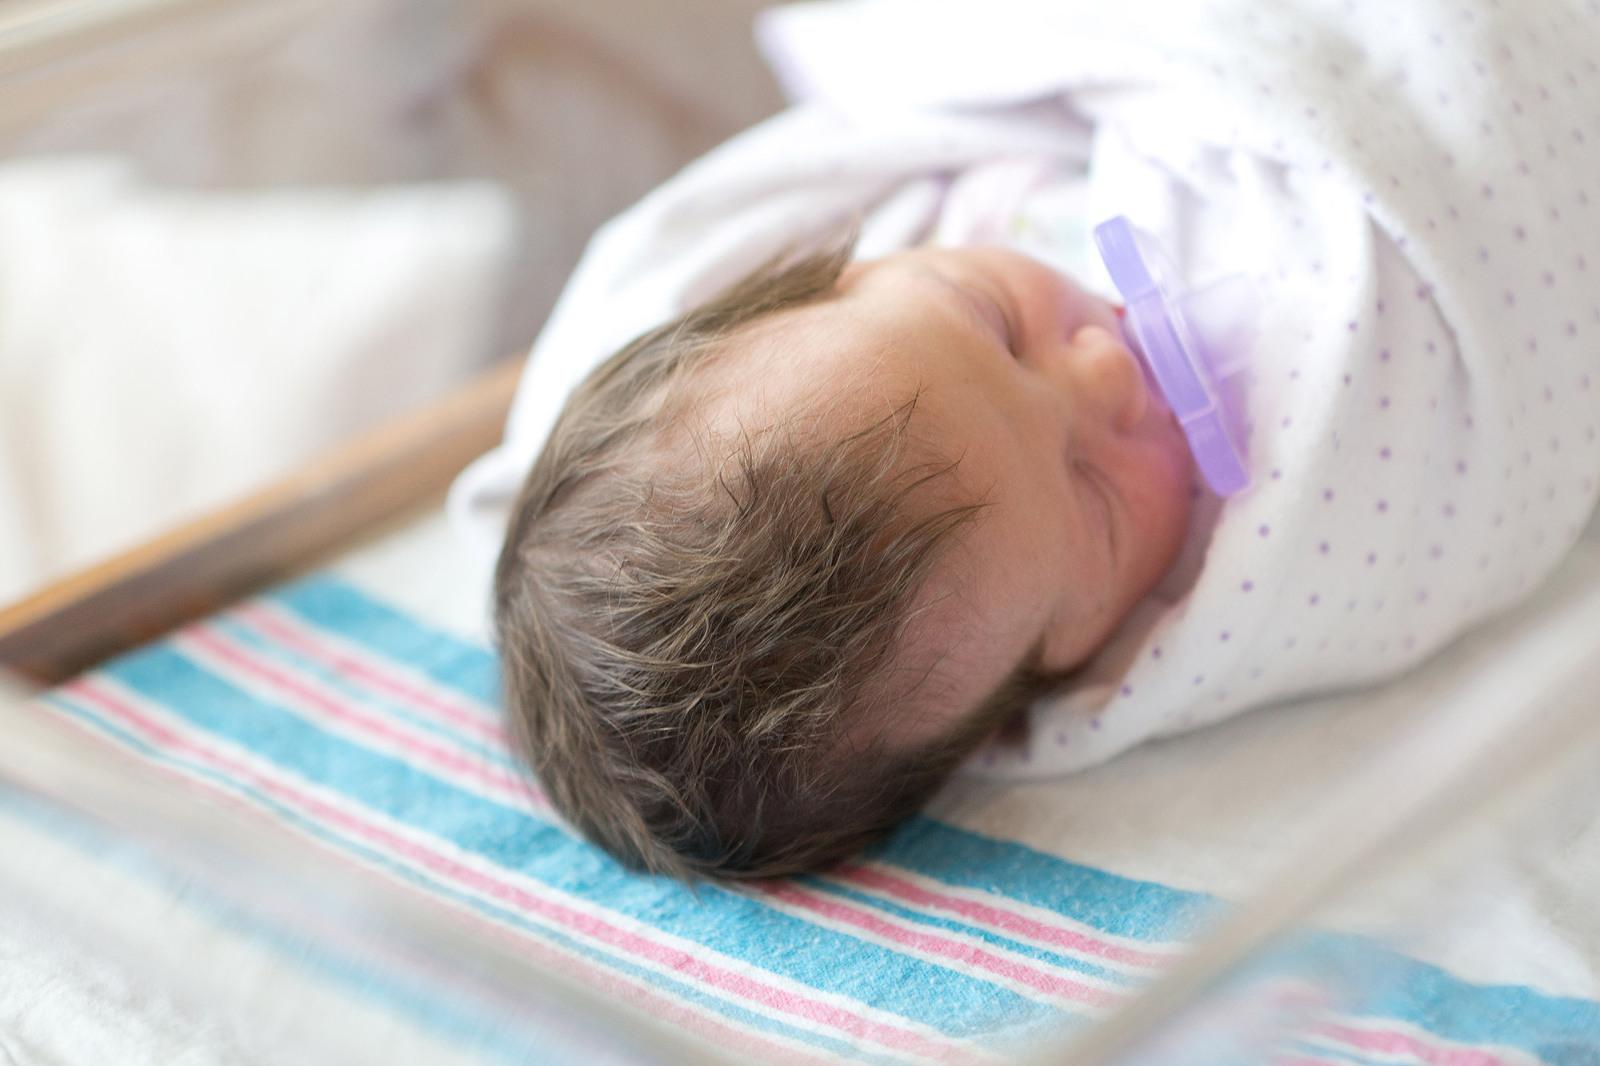 newborn baby with thick dark hair